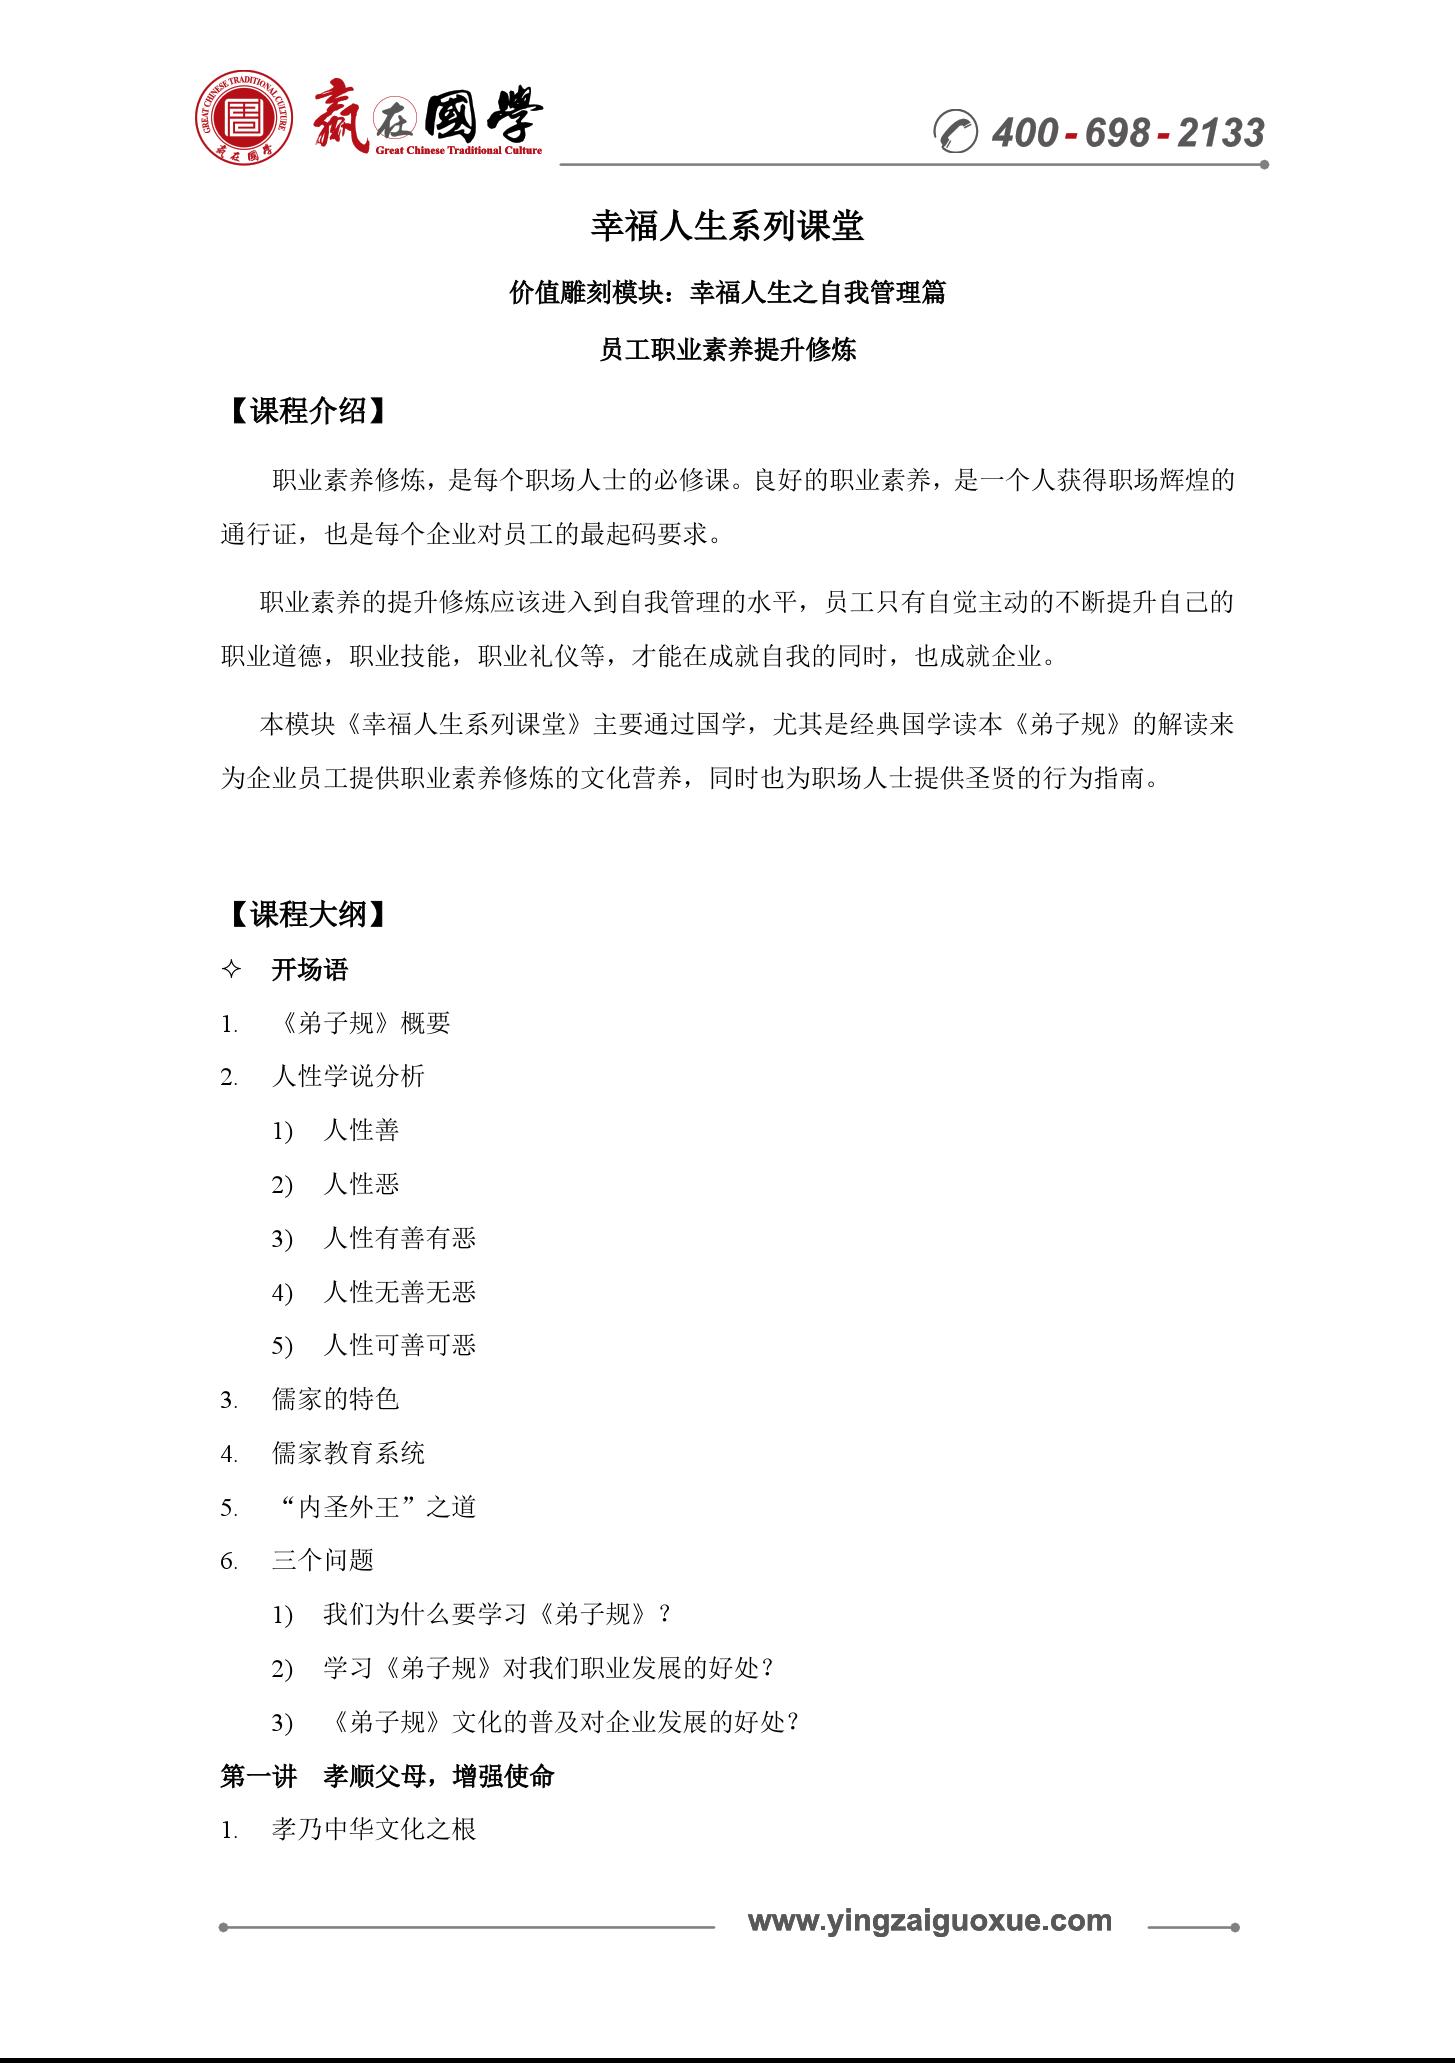 幸福人生系列课堂之员工职业素养提升修炼(王泽仁老师)